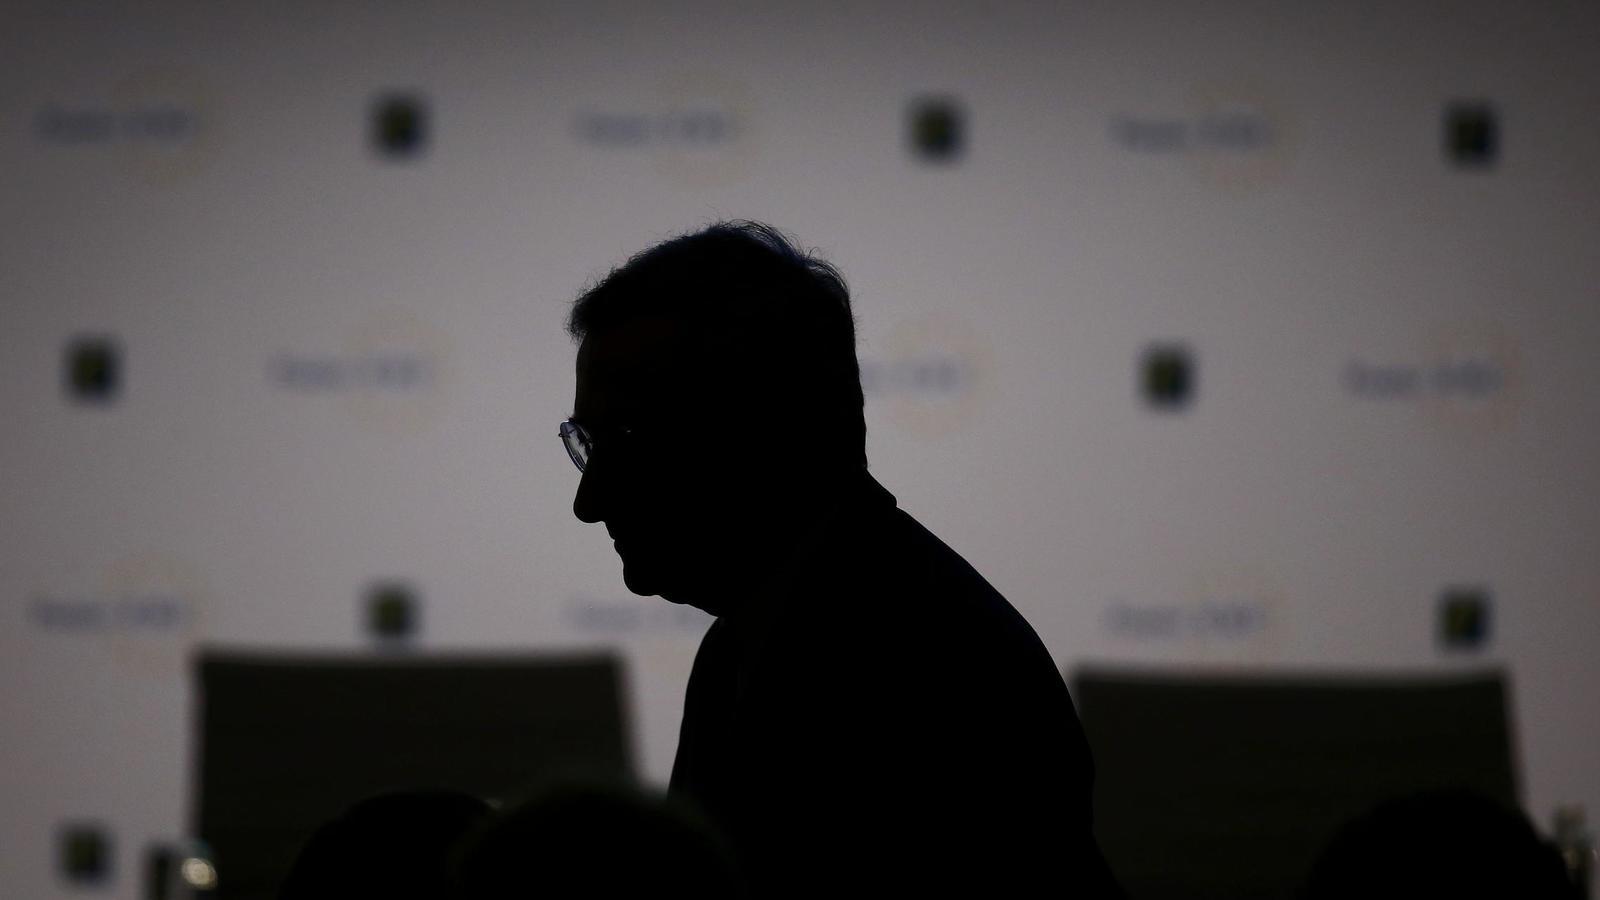 Valt het gebrek aan transparantie van de ECB te tolereren?